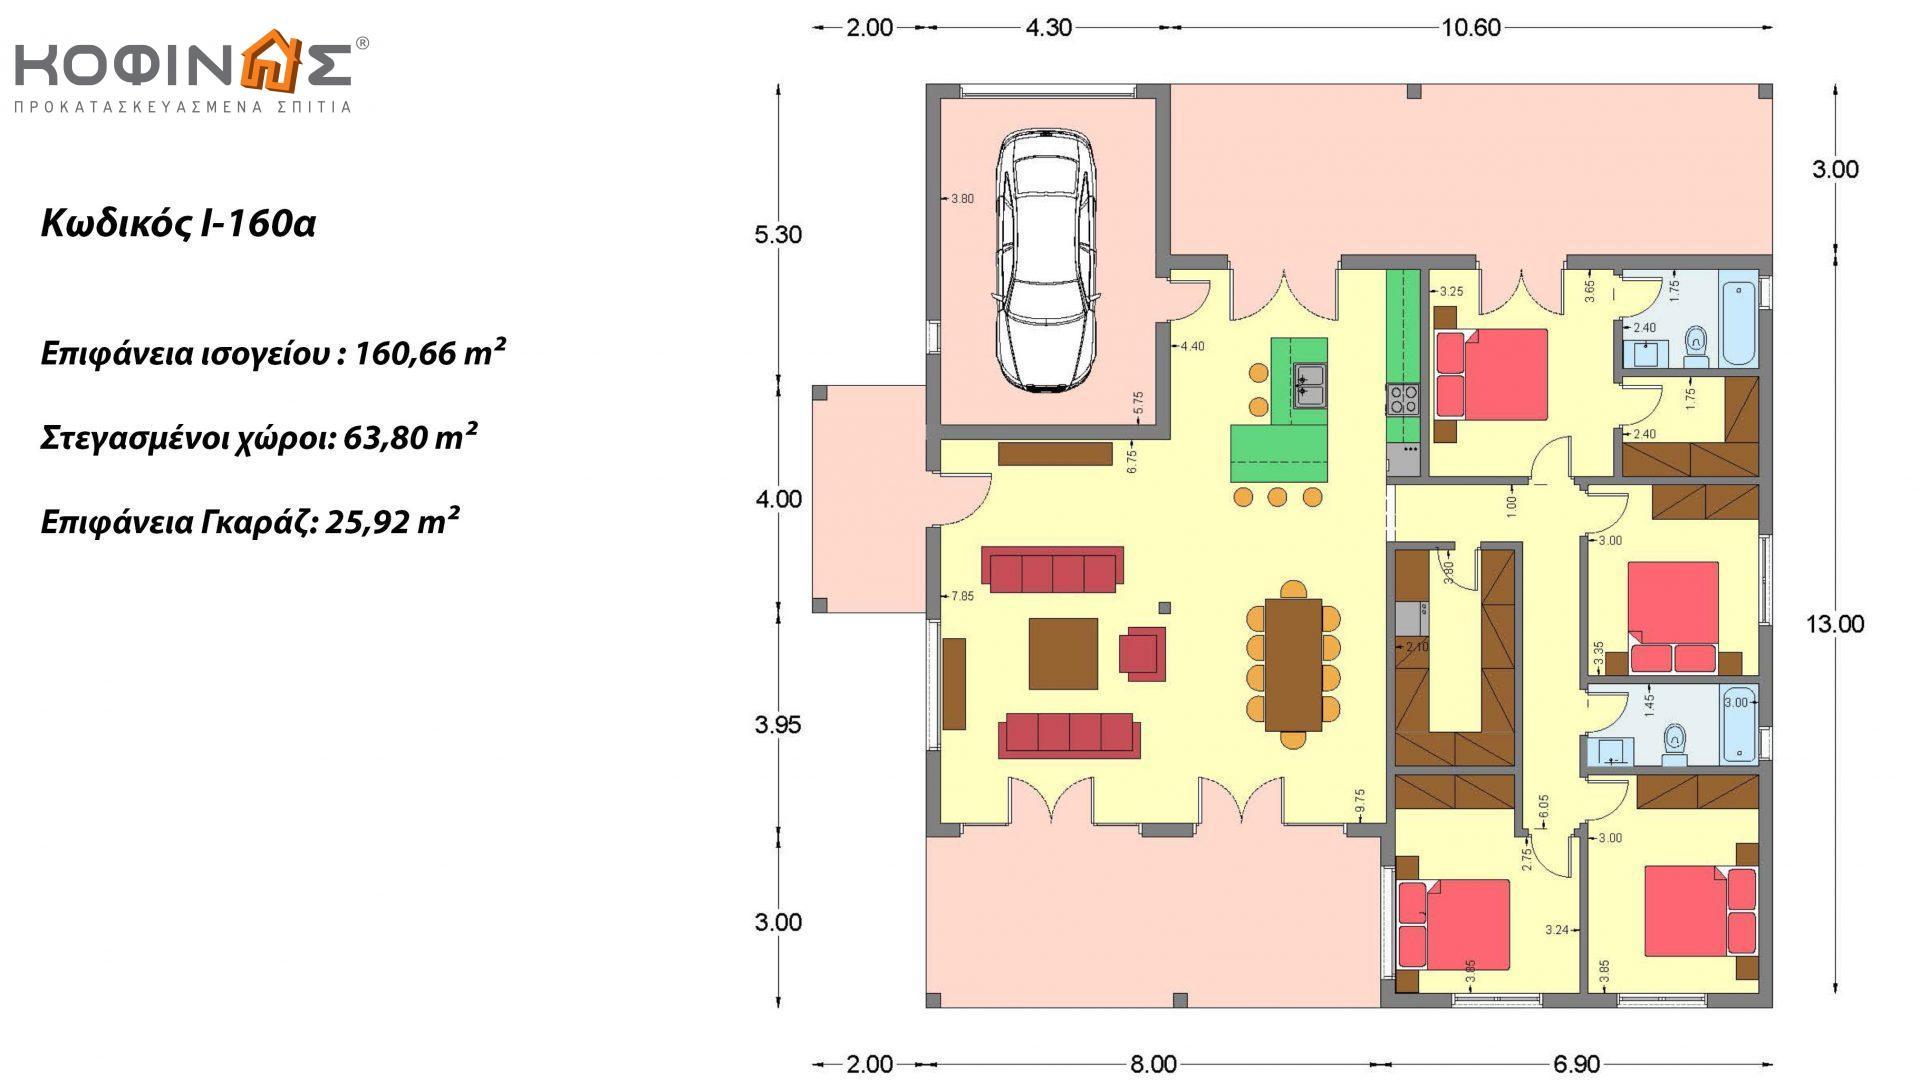 Ισόγεια κατοικία Ι-160α, συνολικής επιφάνειας 160,66 τ.μ., στεγασμένοι χώροι 63,80 τ.μ.